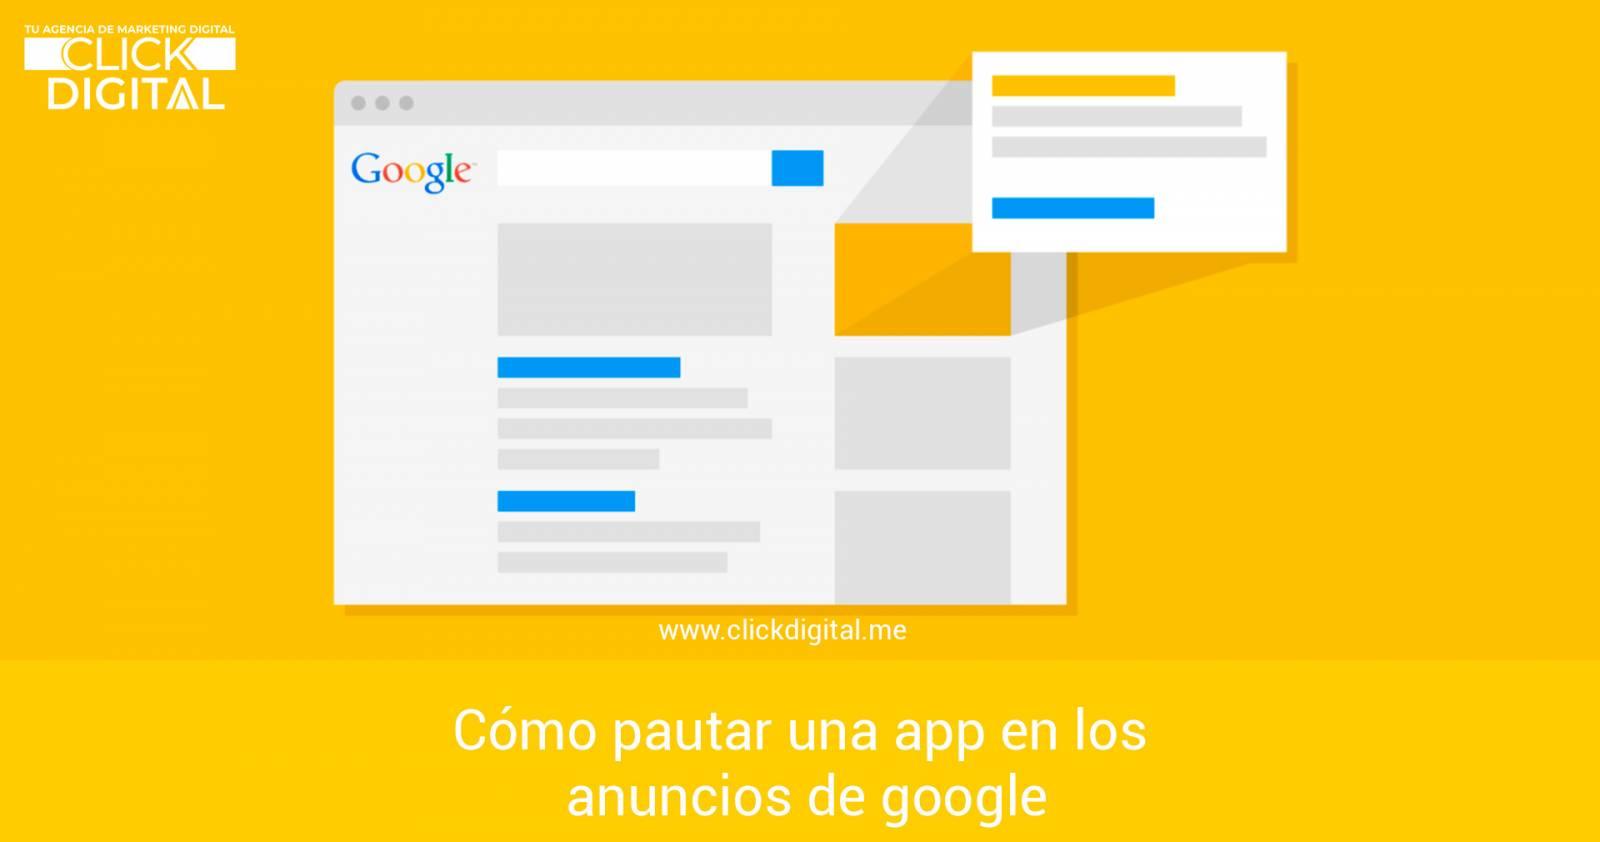 Cómo-pautar-una-app-en-los-anuncios-de-google2